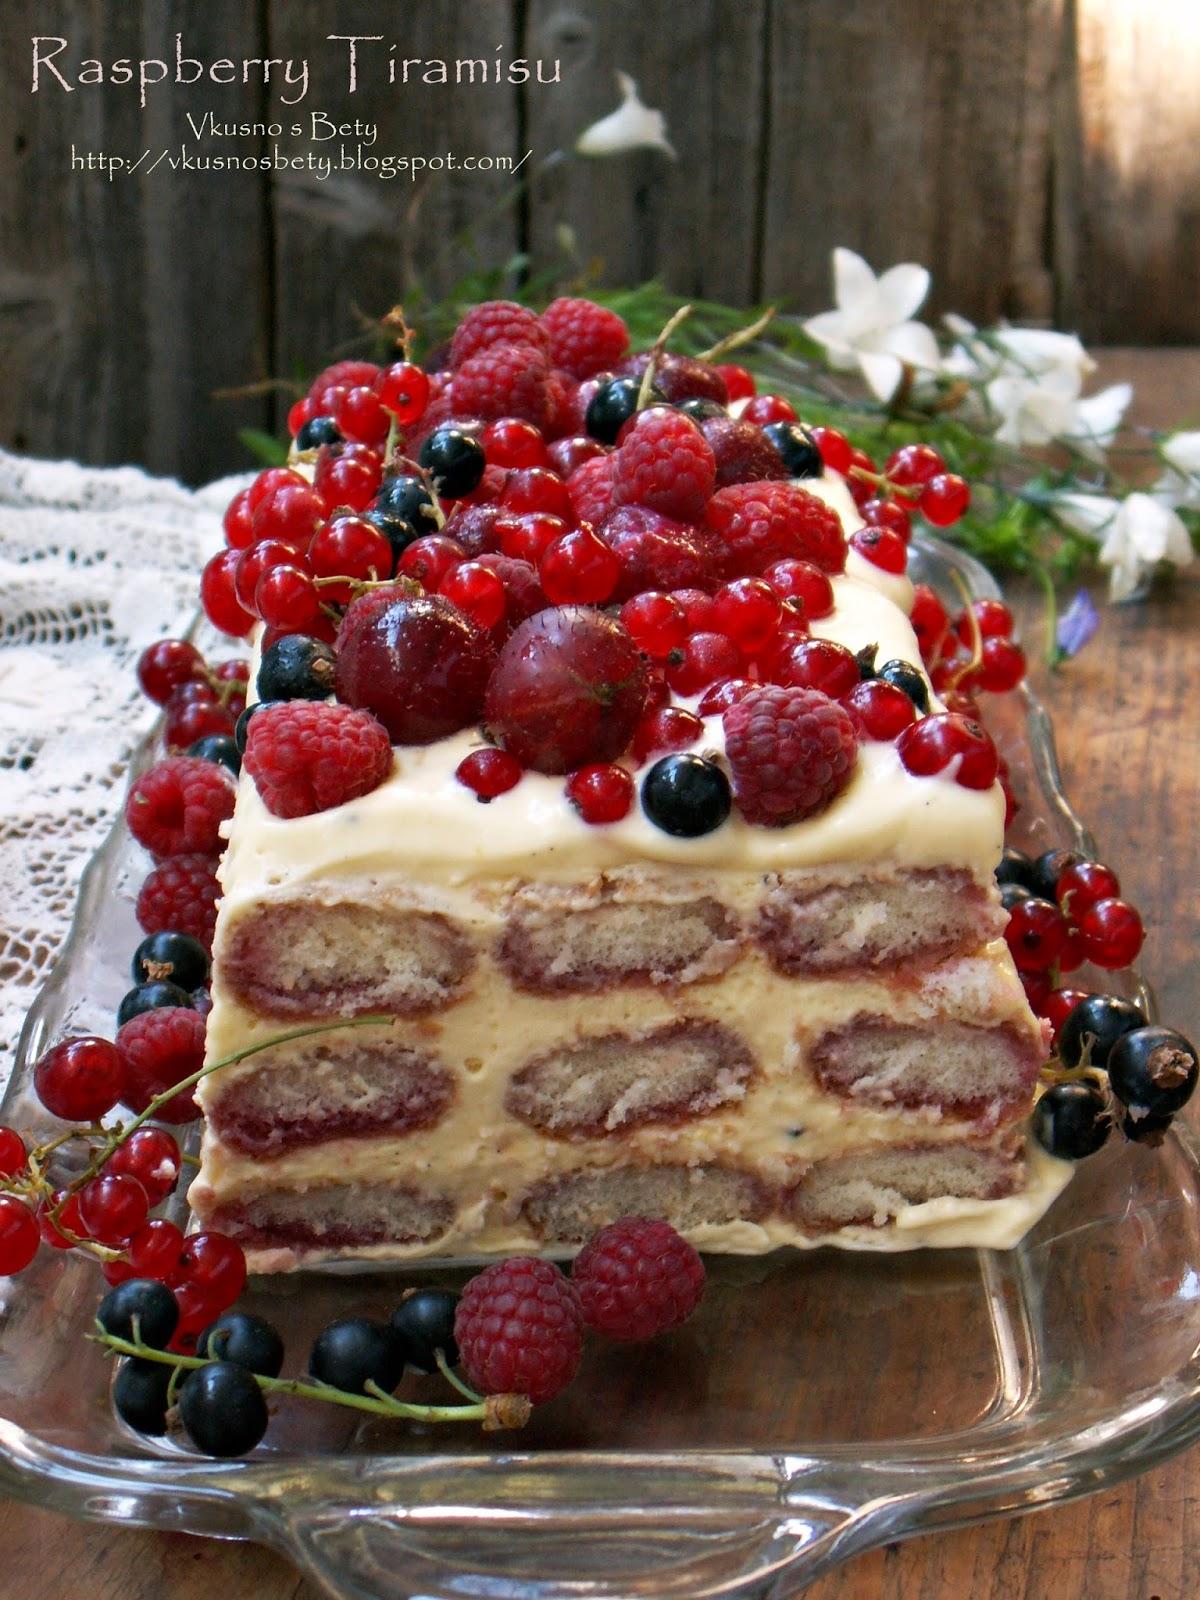 Рецепт торта тирамису от юлии высоцкой